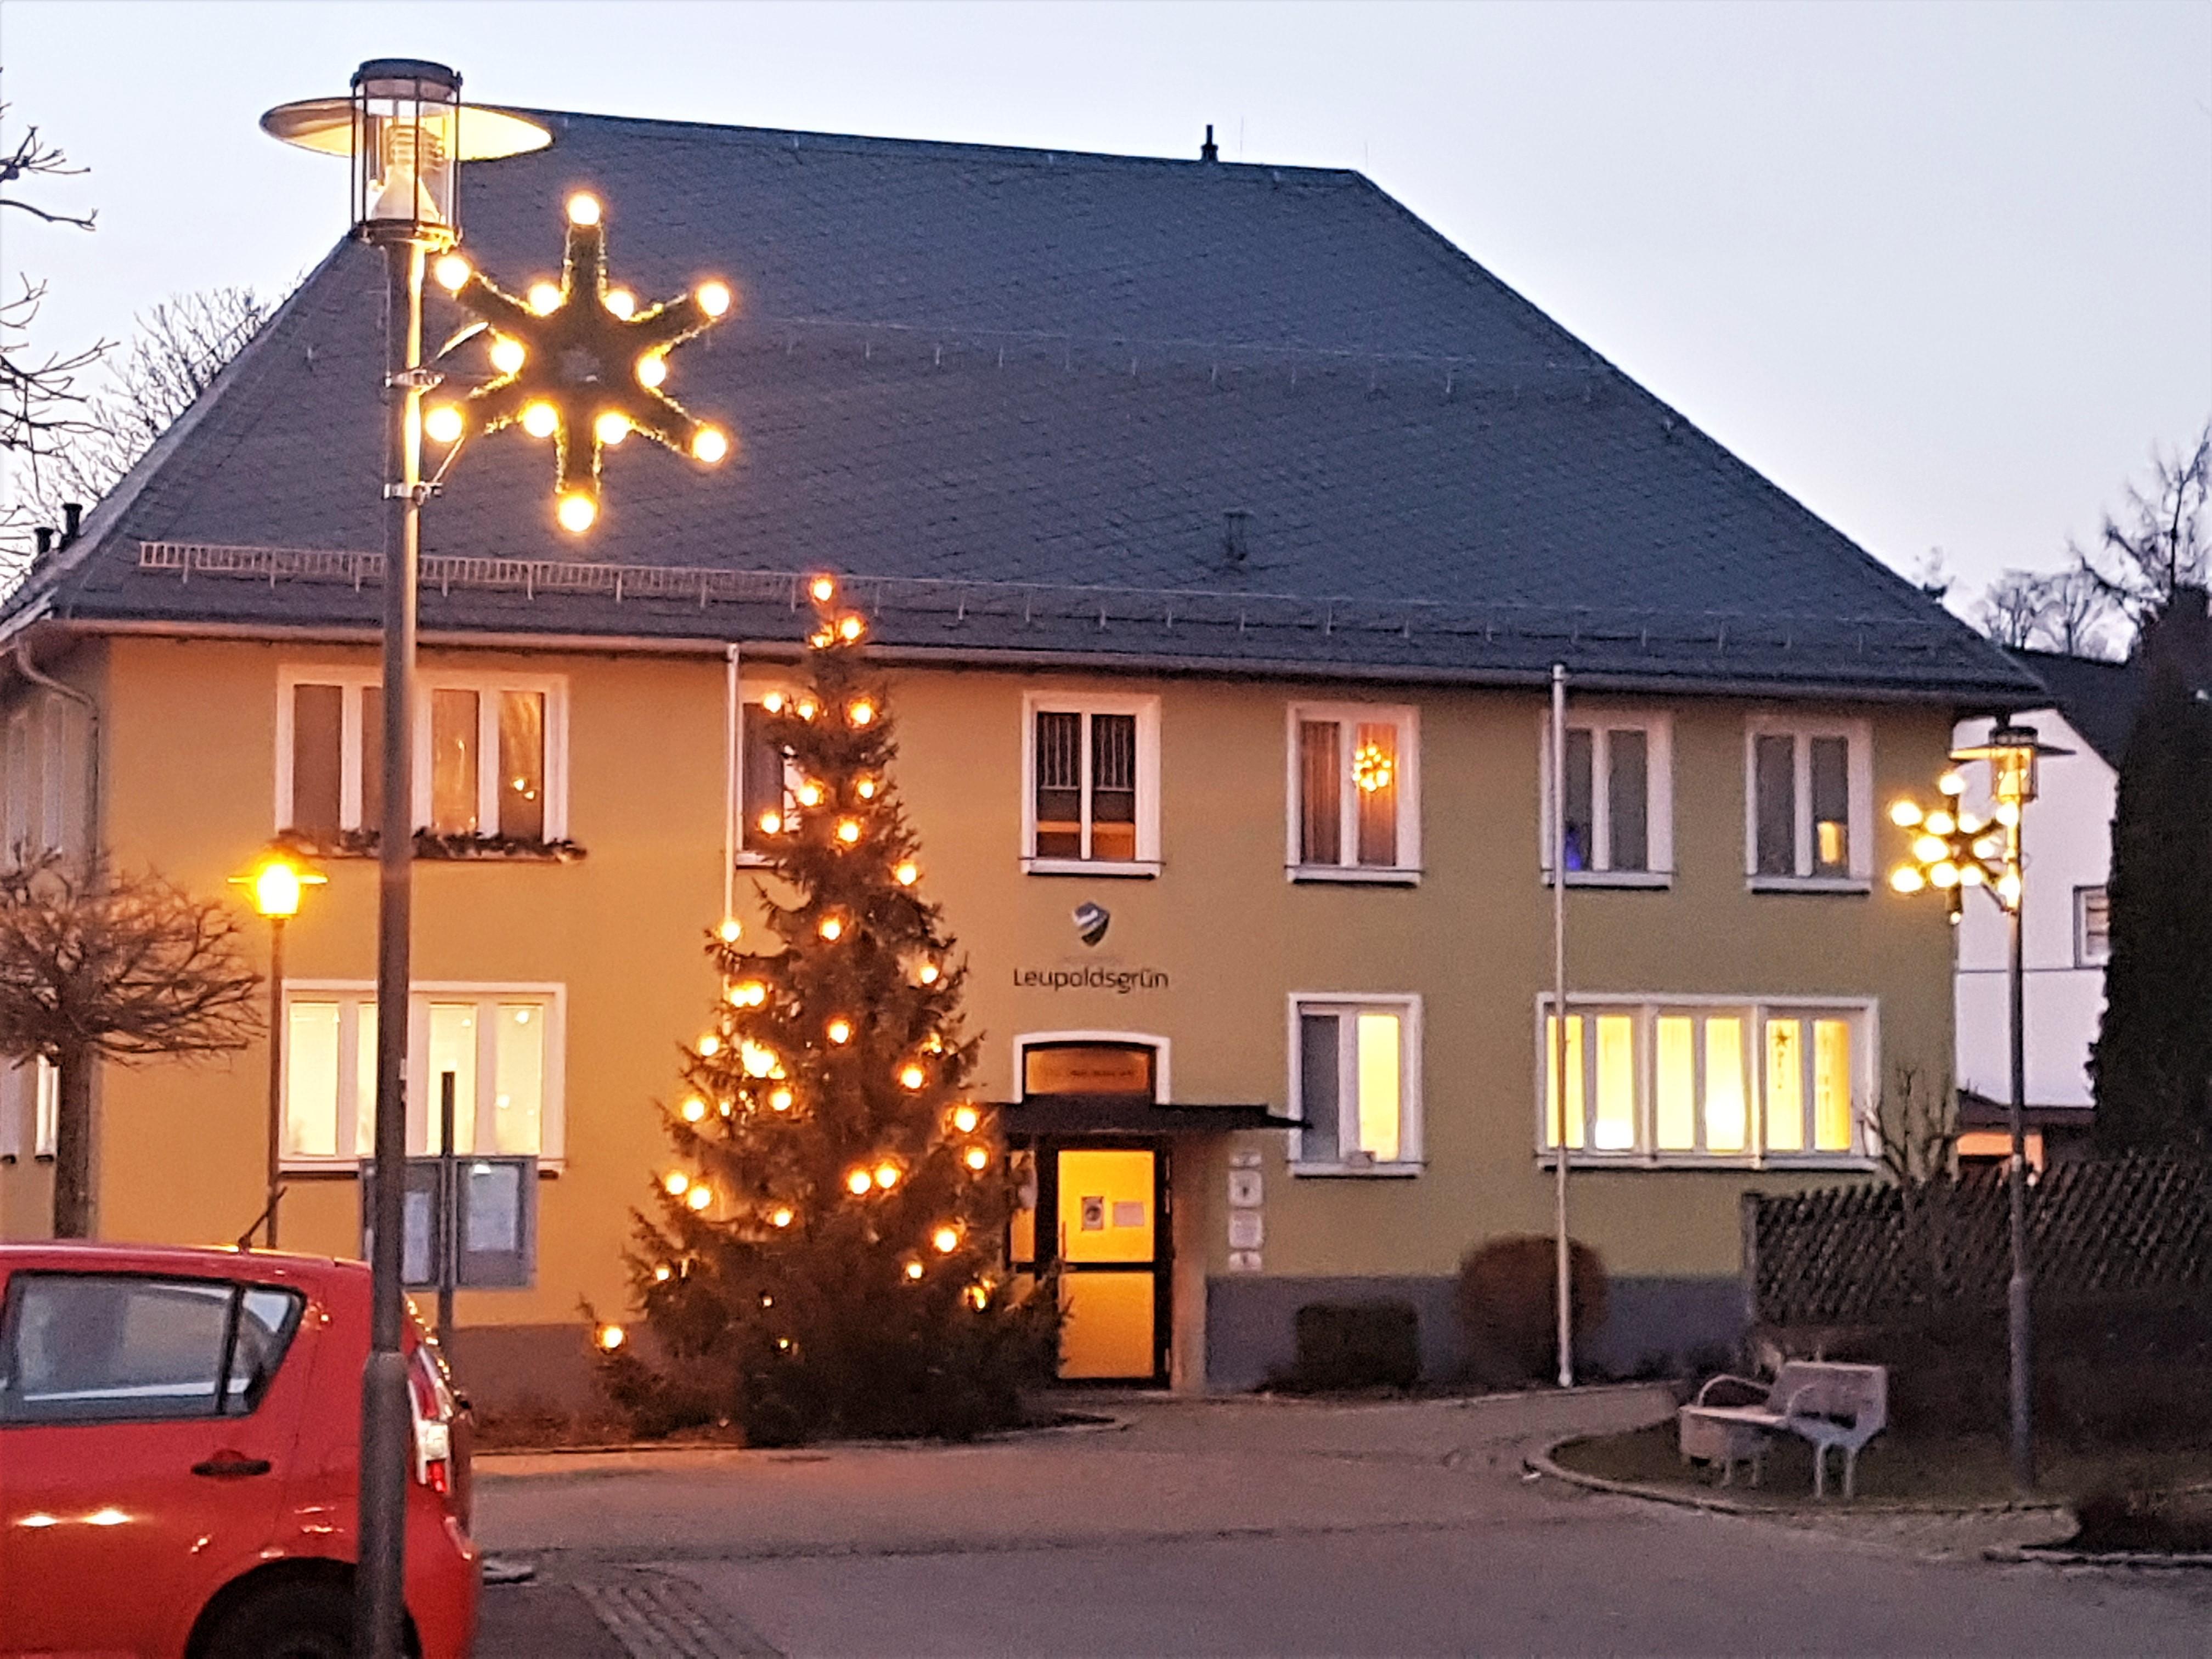 Spenden für weihnachtliches Dorfleben